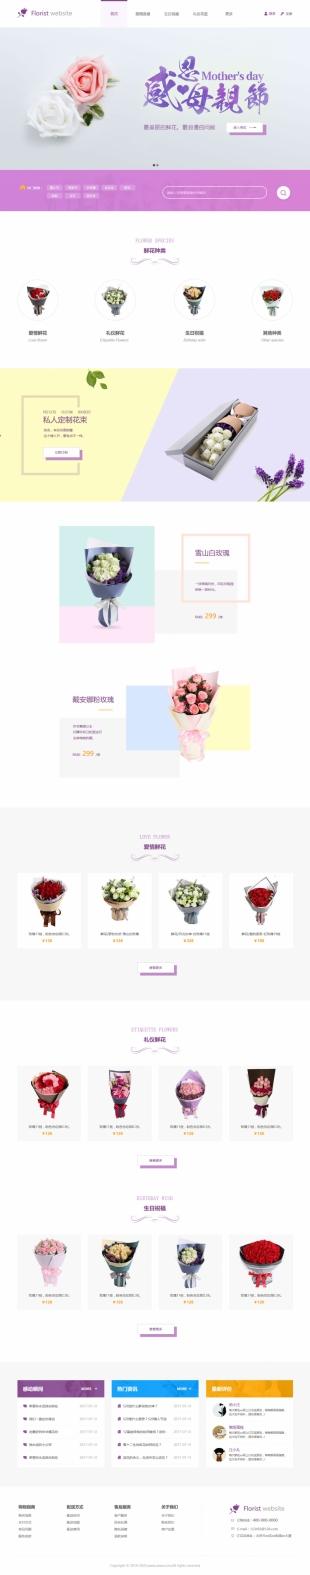 鲜花类网站通用模板电脑图片